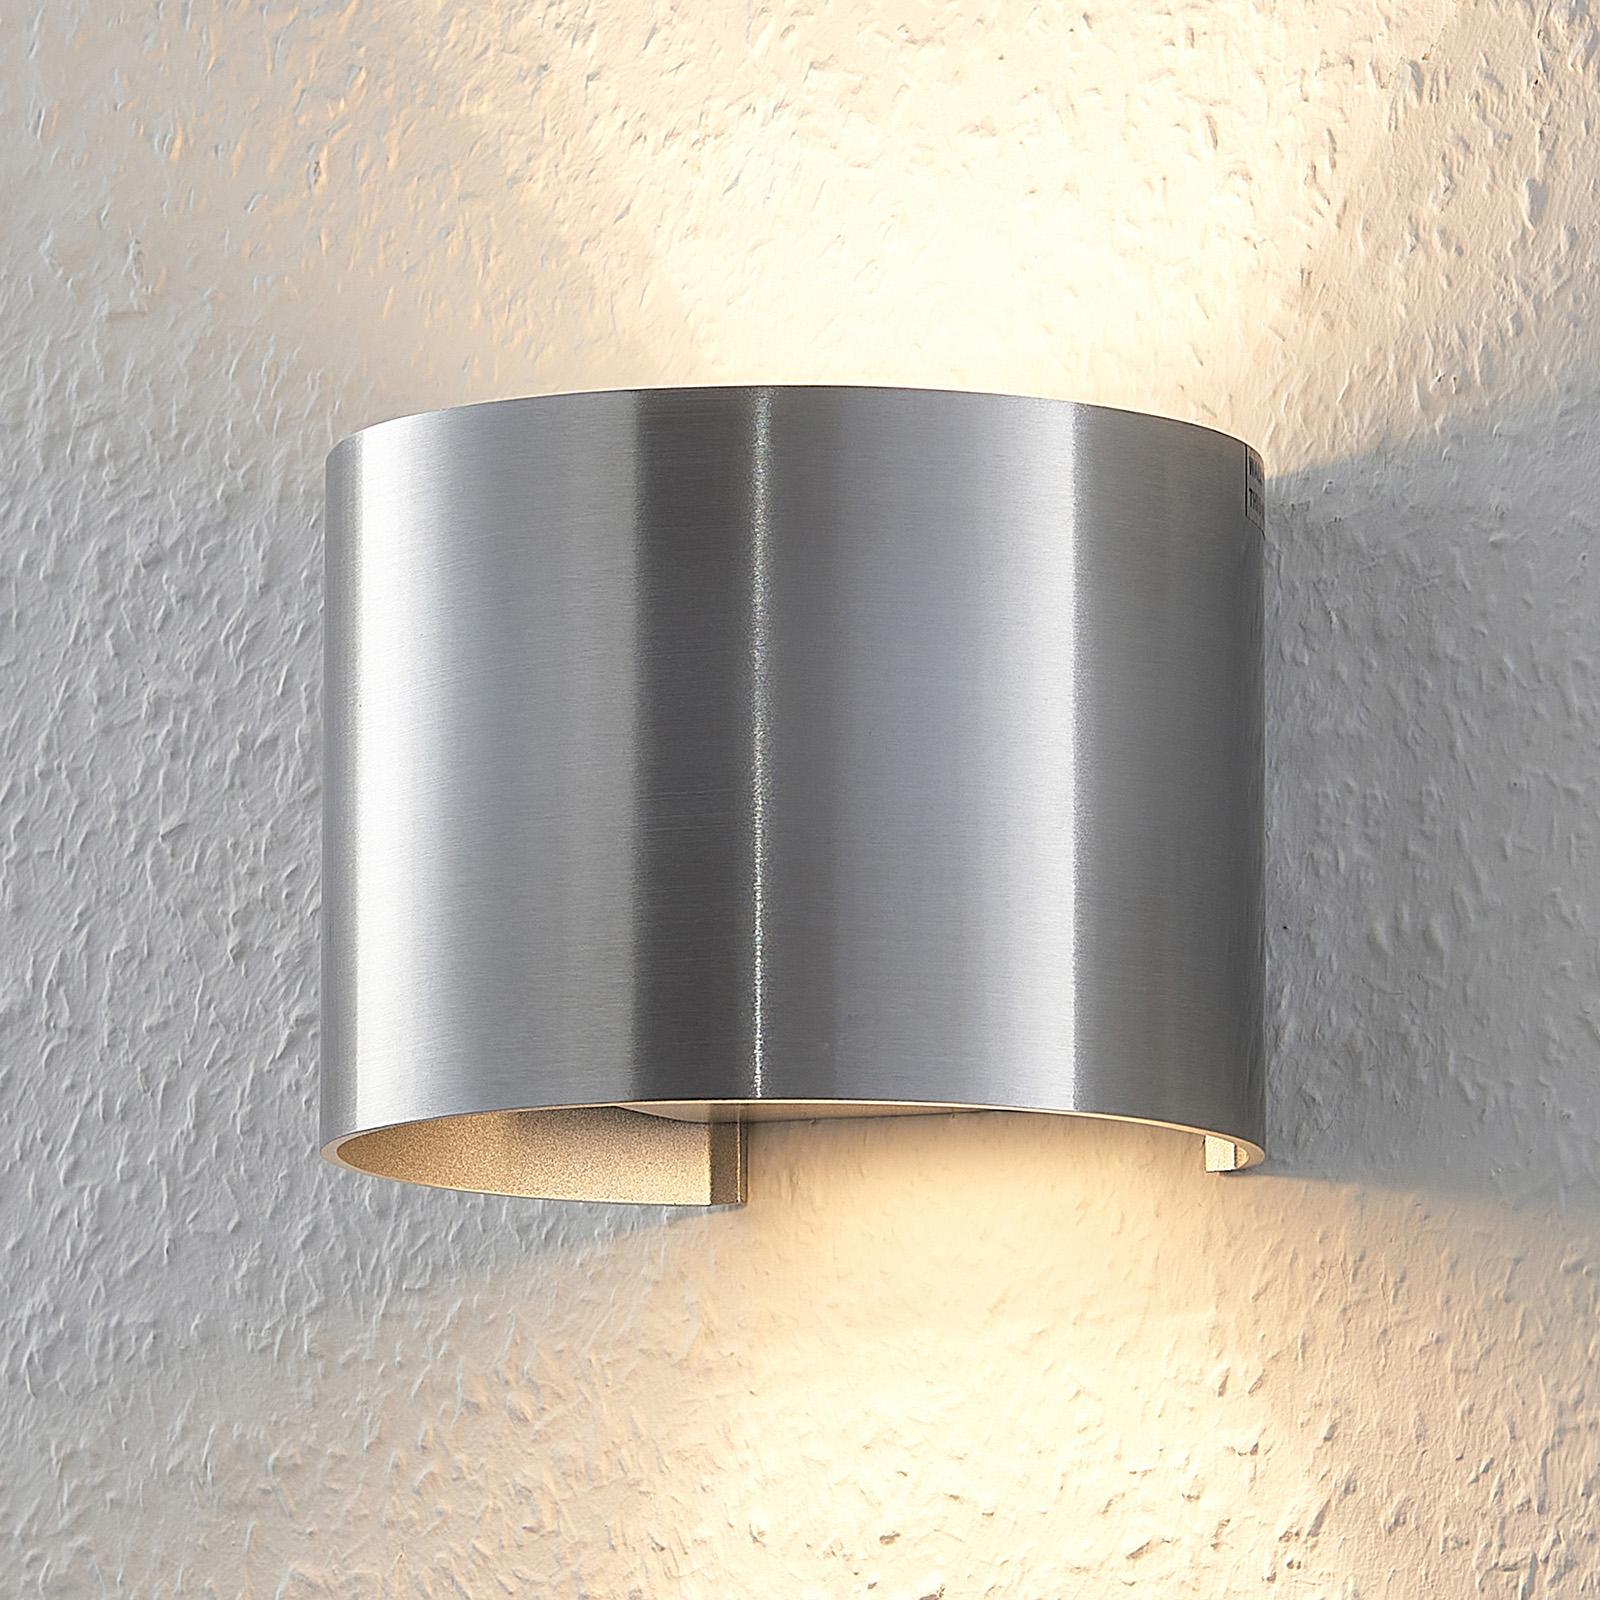 Alufarbene LED-Wandlampe Zuzana in Rundform